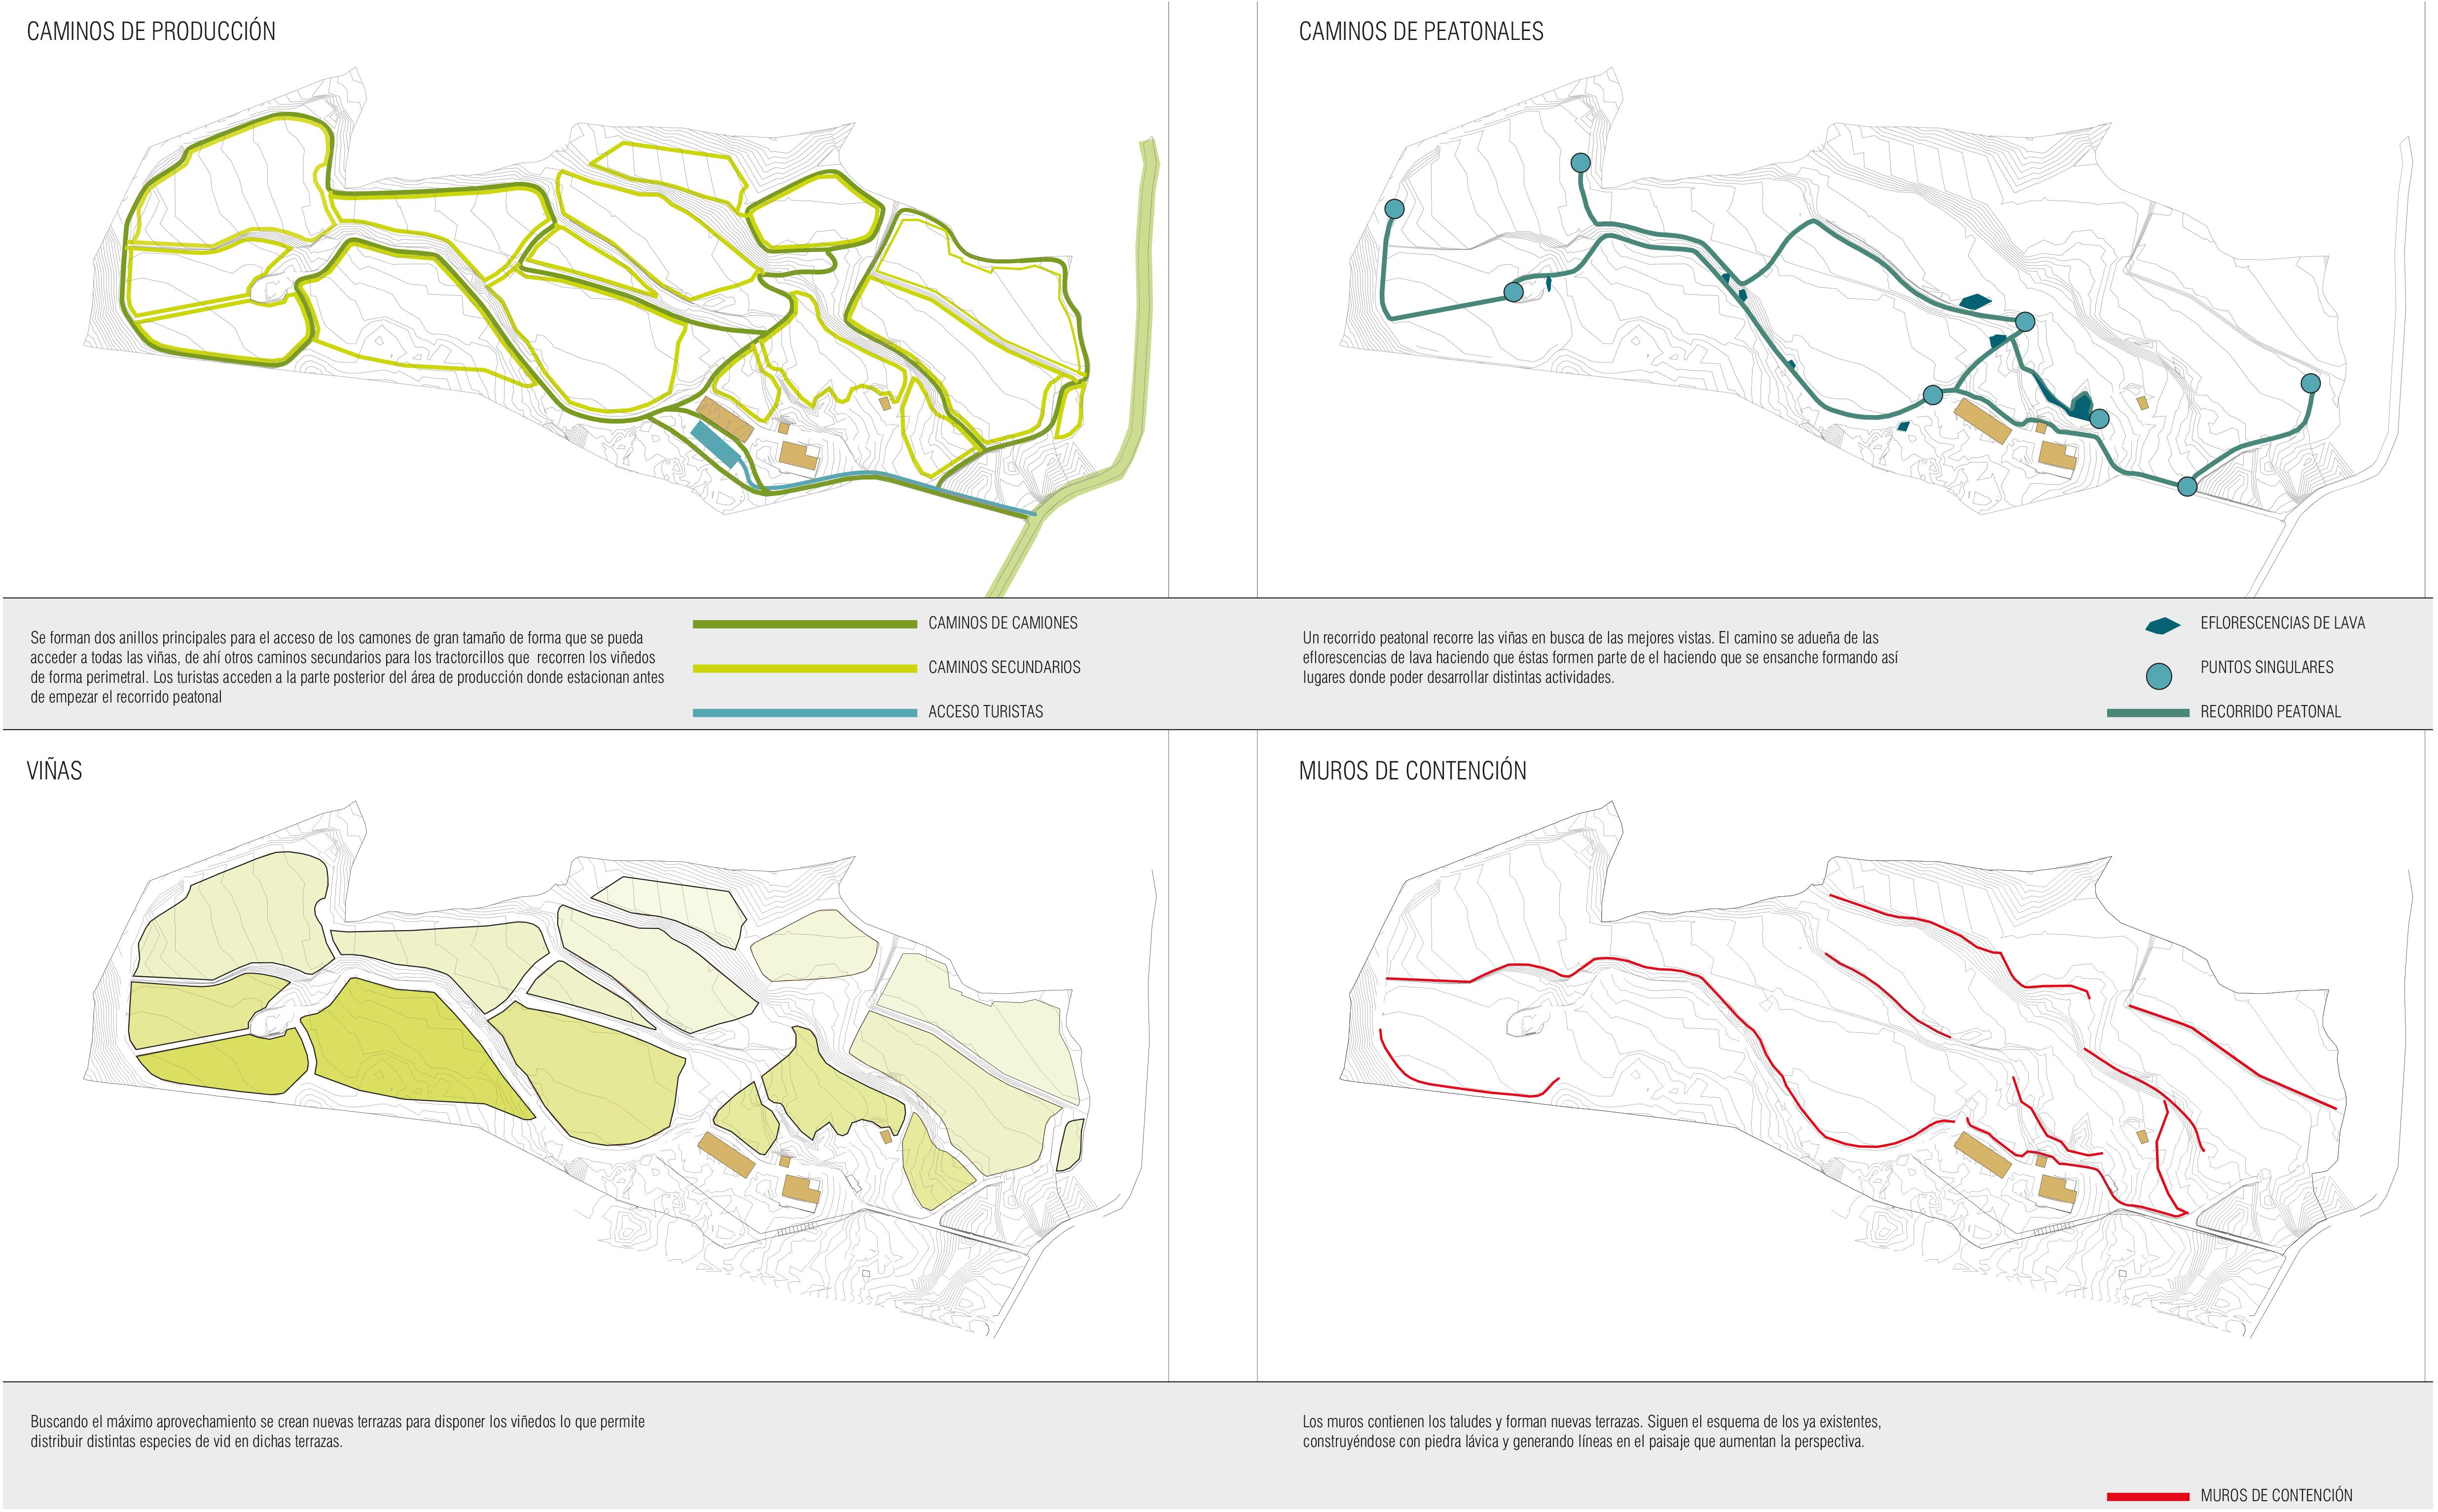 caminos_de_producción,_peatonales,_viñas,_muros_de_contencion